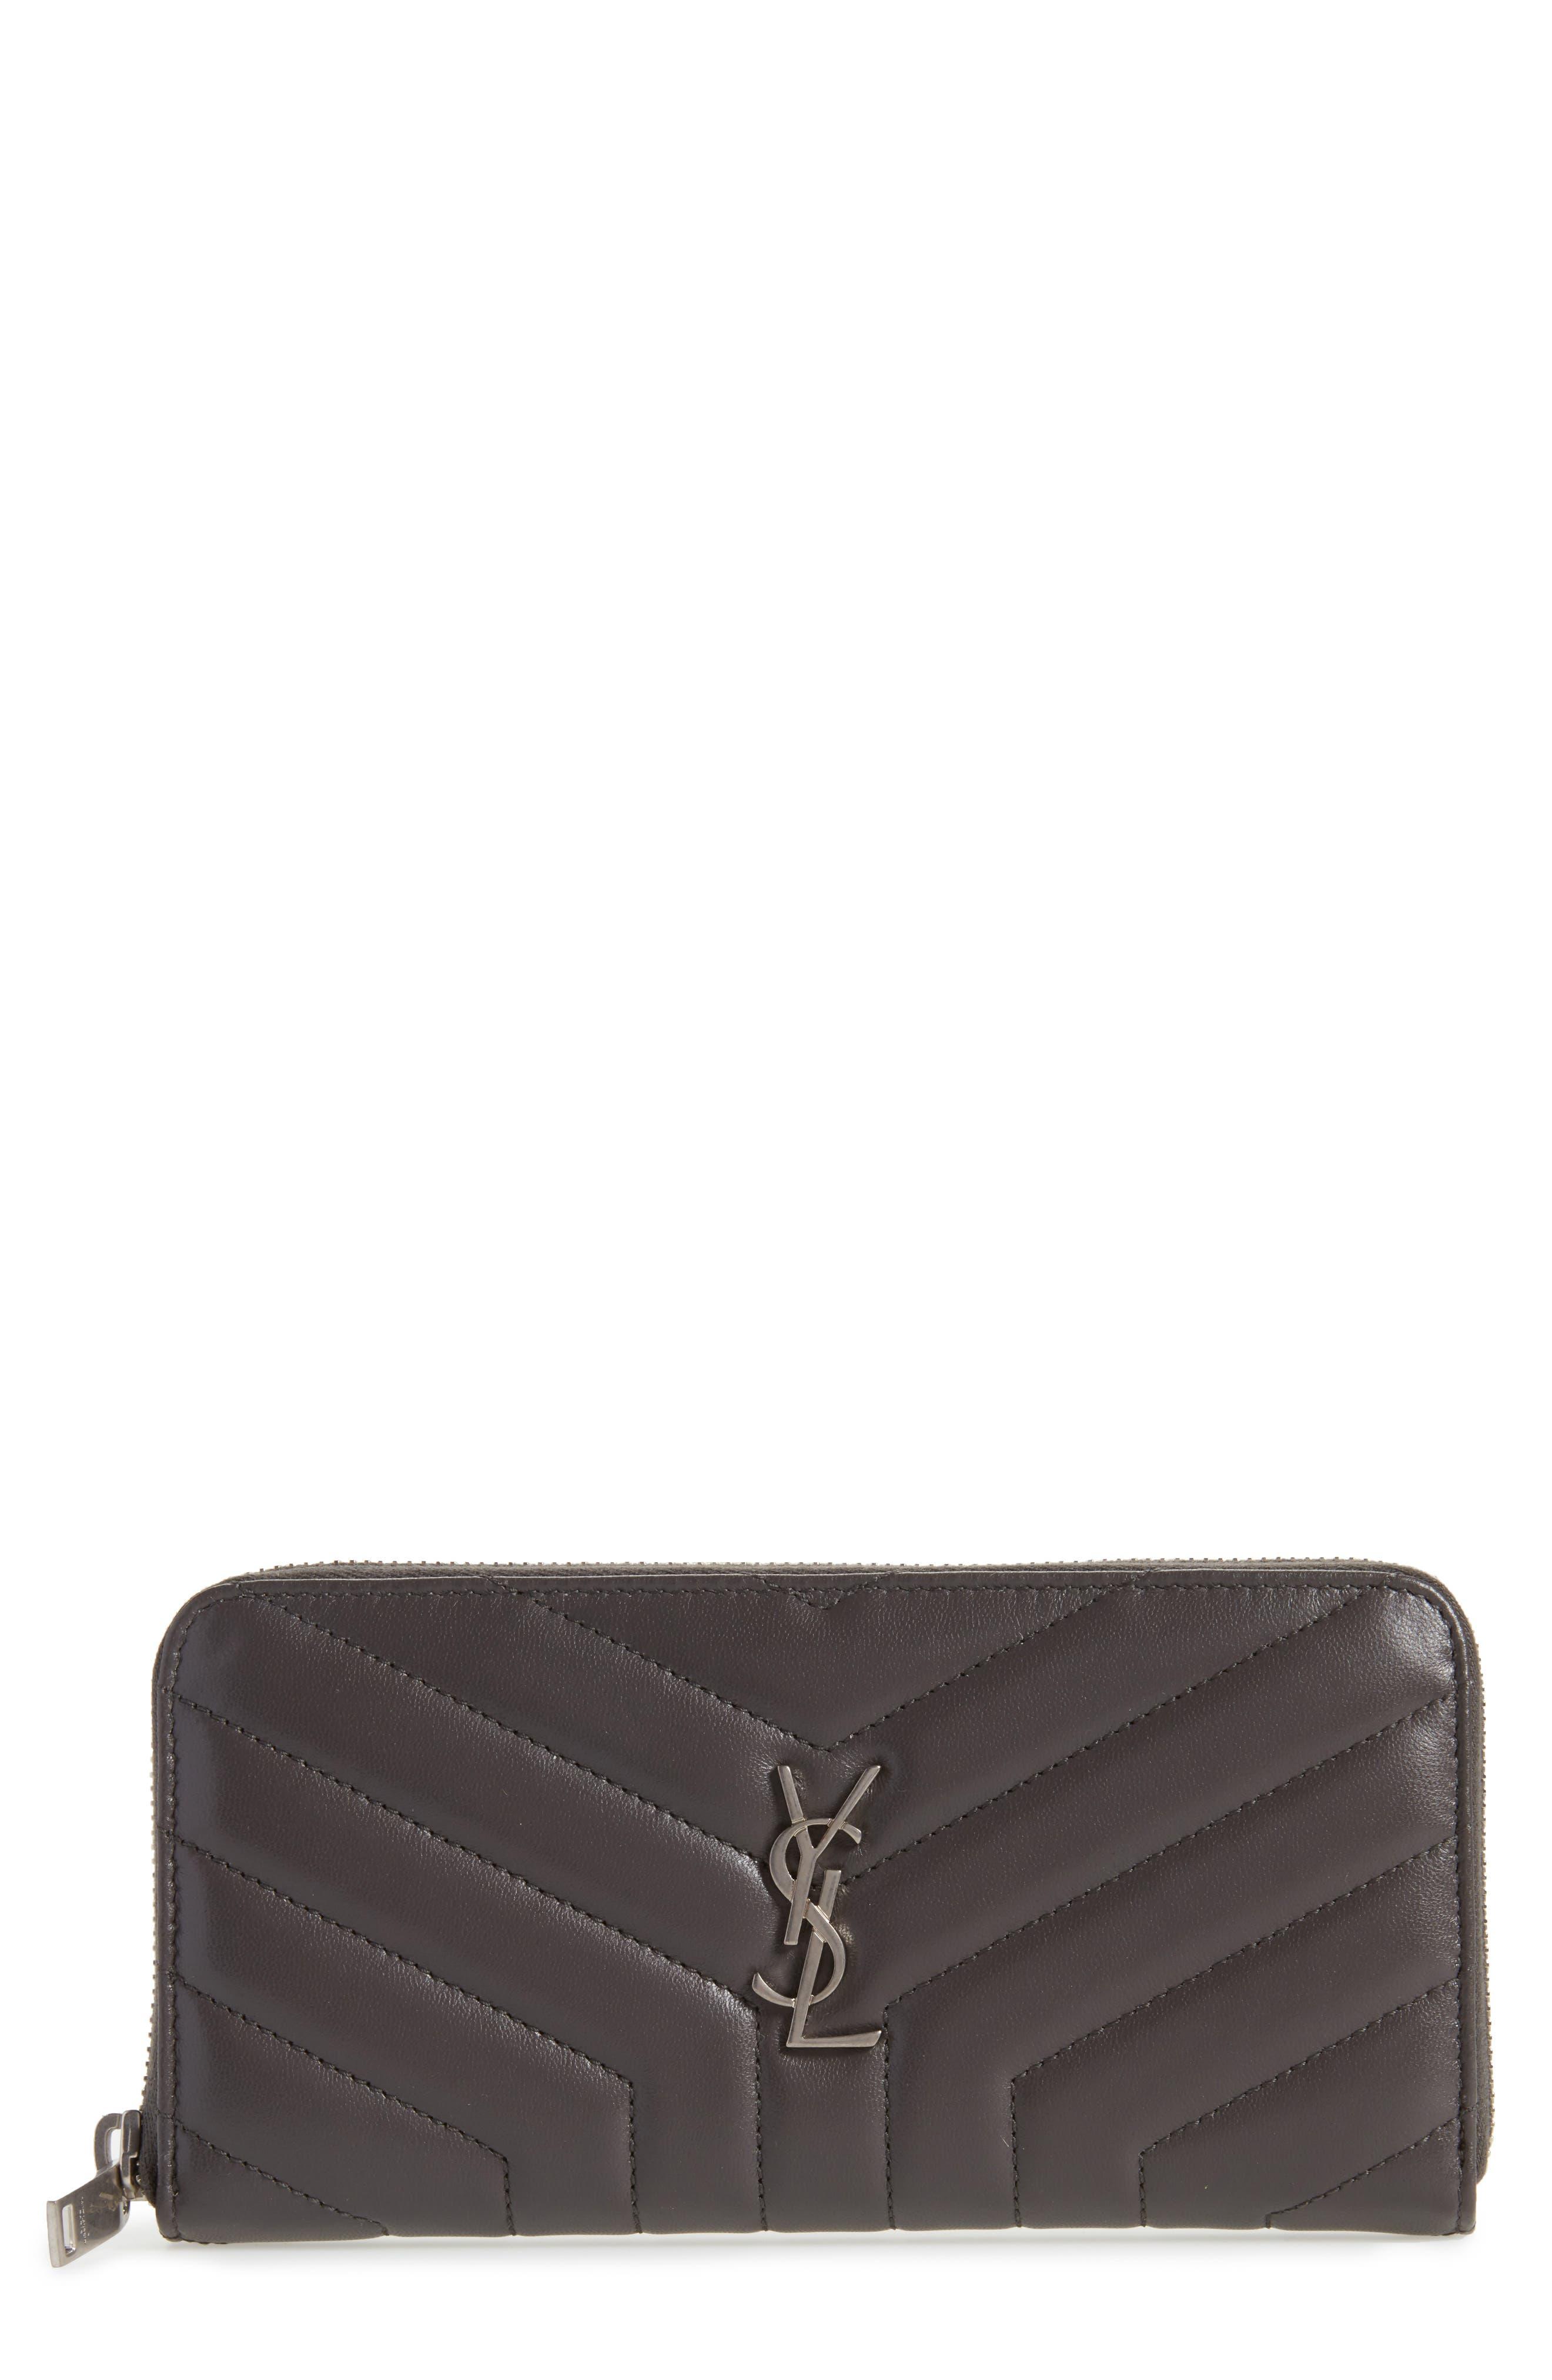 Main Image - Saint Laurent Loulou Matelassé Leather Zip-Around Wallet